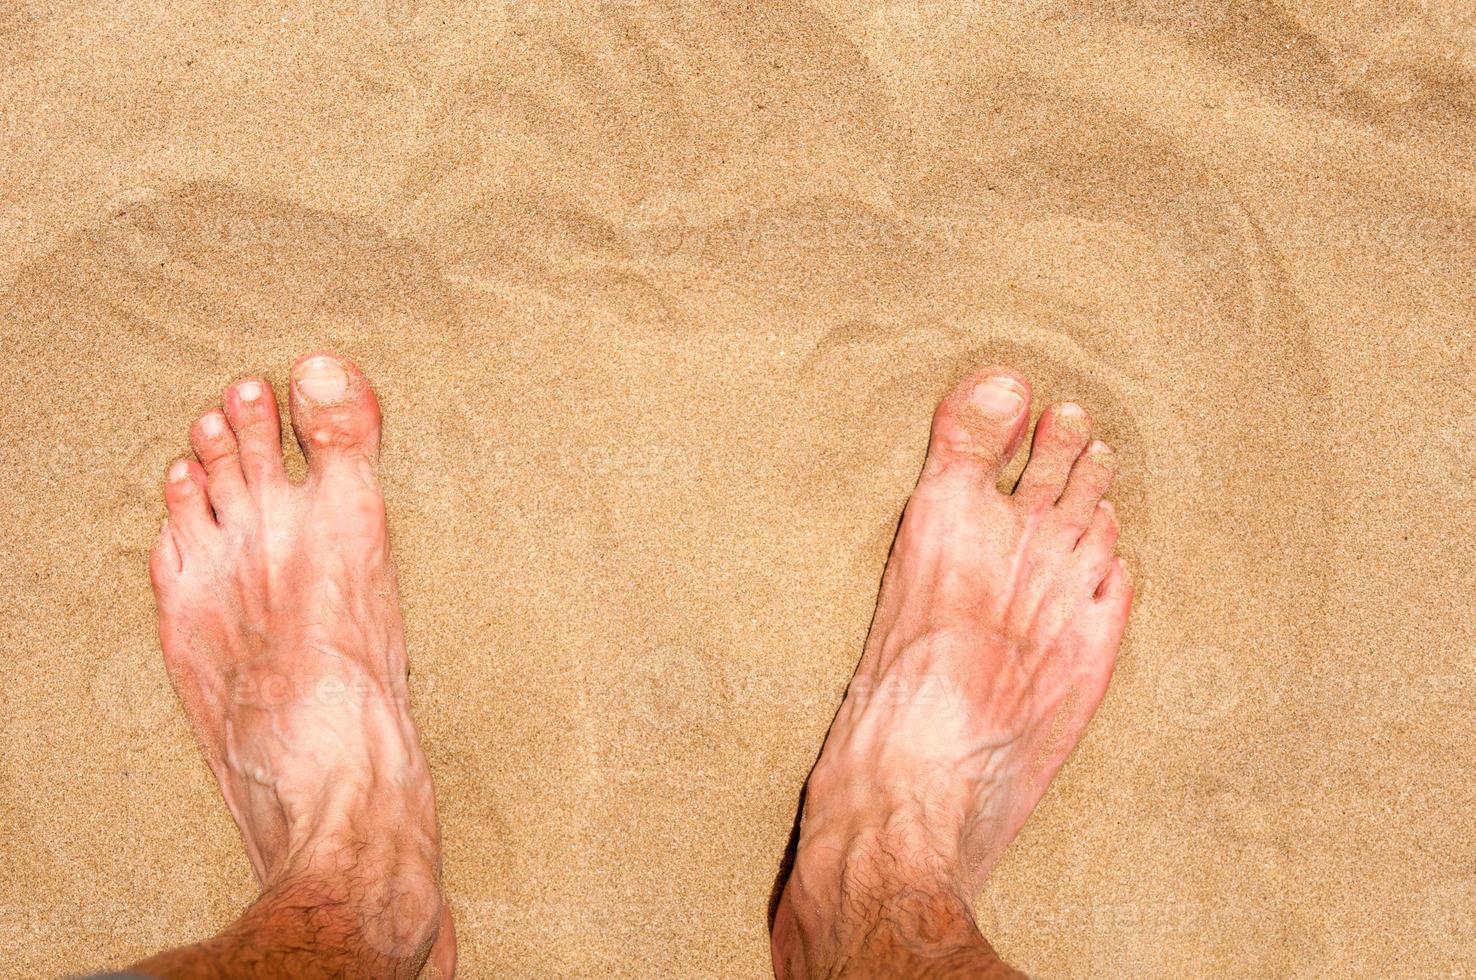 pied masculin sur le sable photo